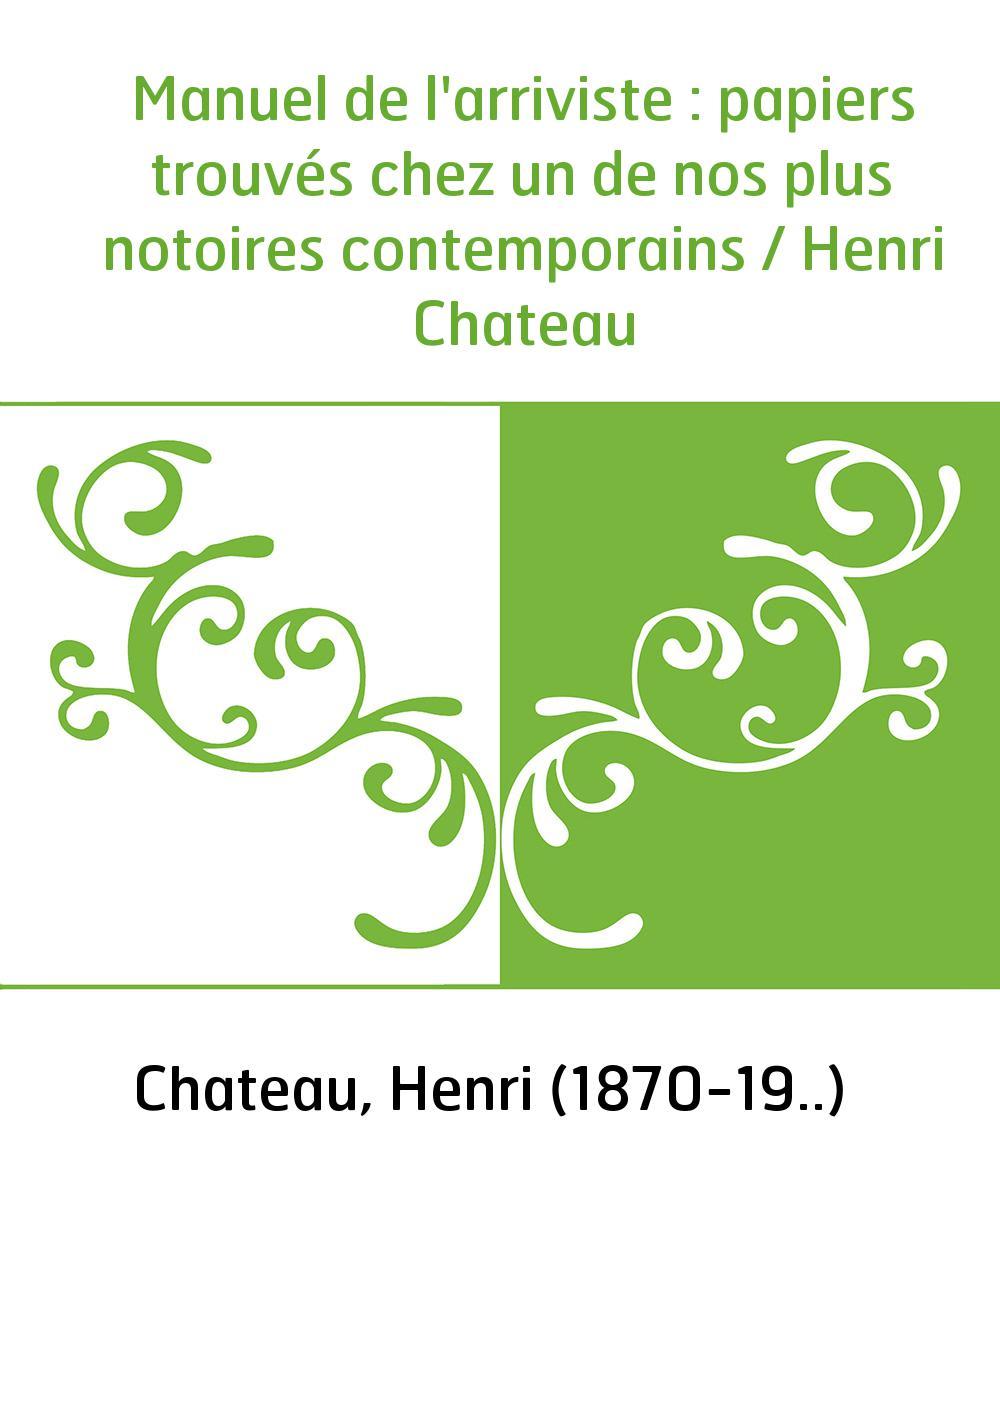 Manuel de l'arriviste : papiers trouvés chez un de nos plus notoires contemporains / Henri Chateau